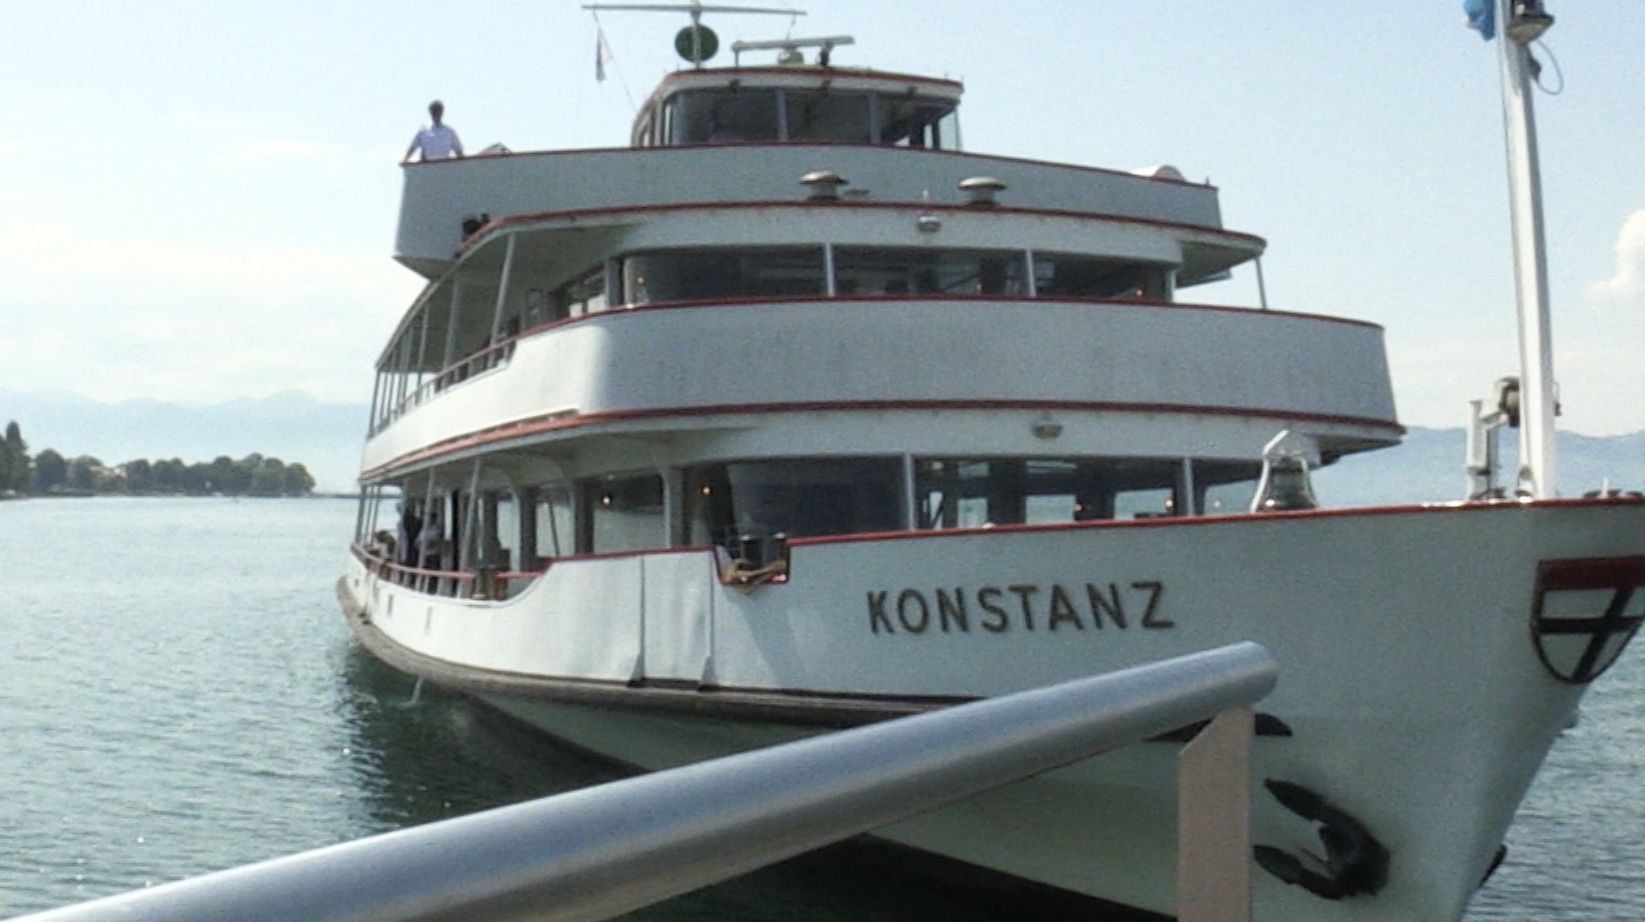 """Weiße Flotte fährt bayerische Häfen an - Schiff """"Konstanz"""" am Steg"""